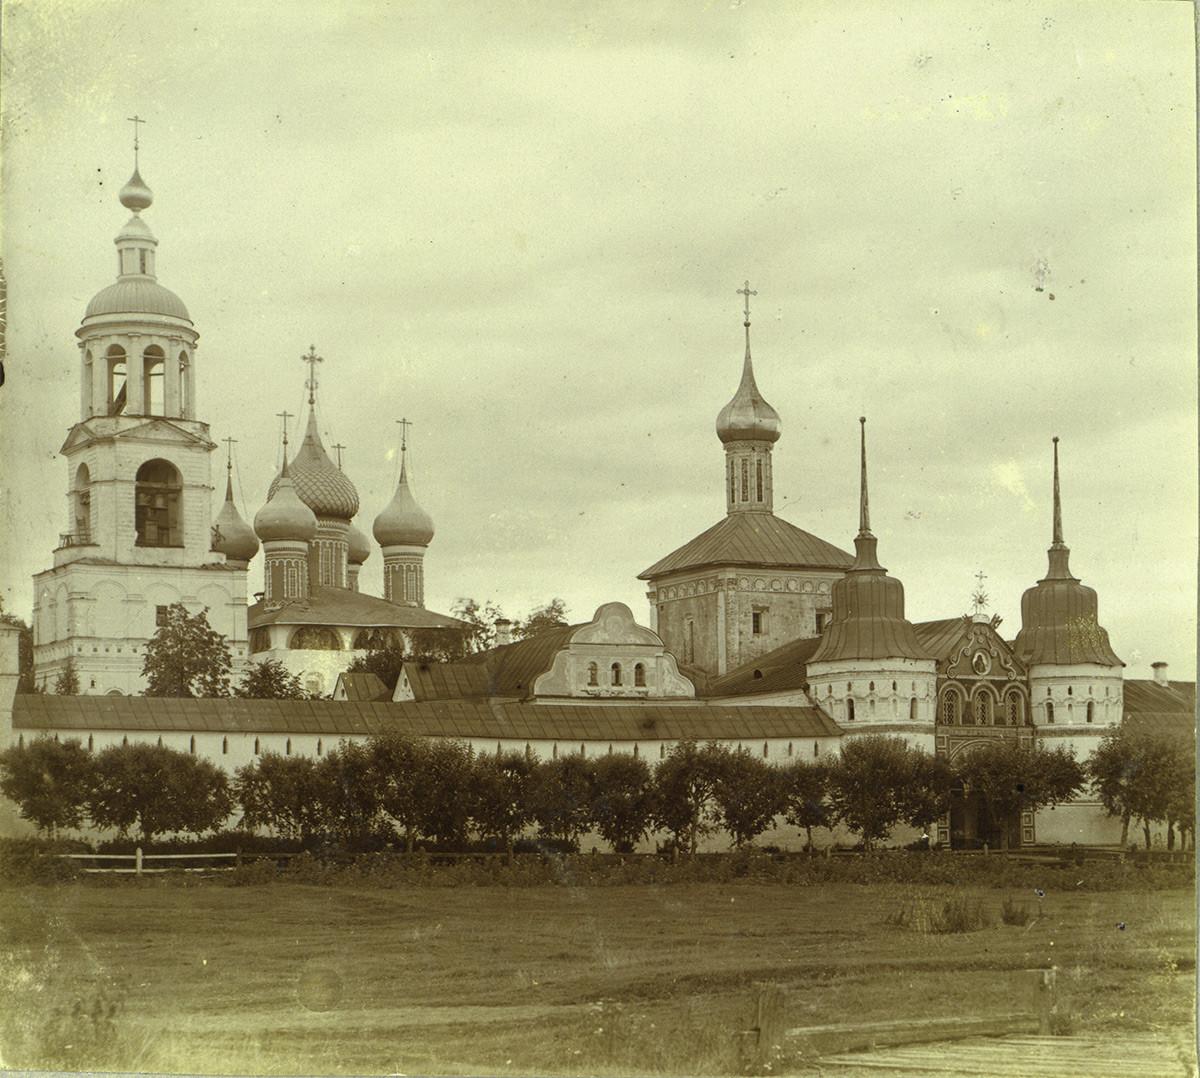 Monasterio de Tolga, muro oeste, vista noroeste. Desde la izquierda: campanario; Catedral de la Presentación; Iglesia de San Nicolás; Puerta Santa. 1910